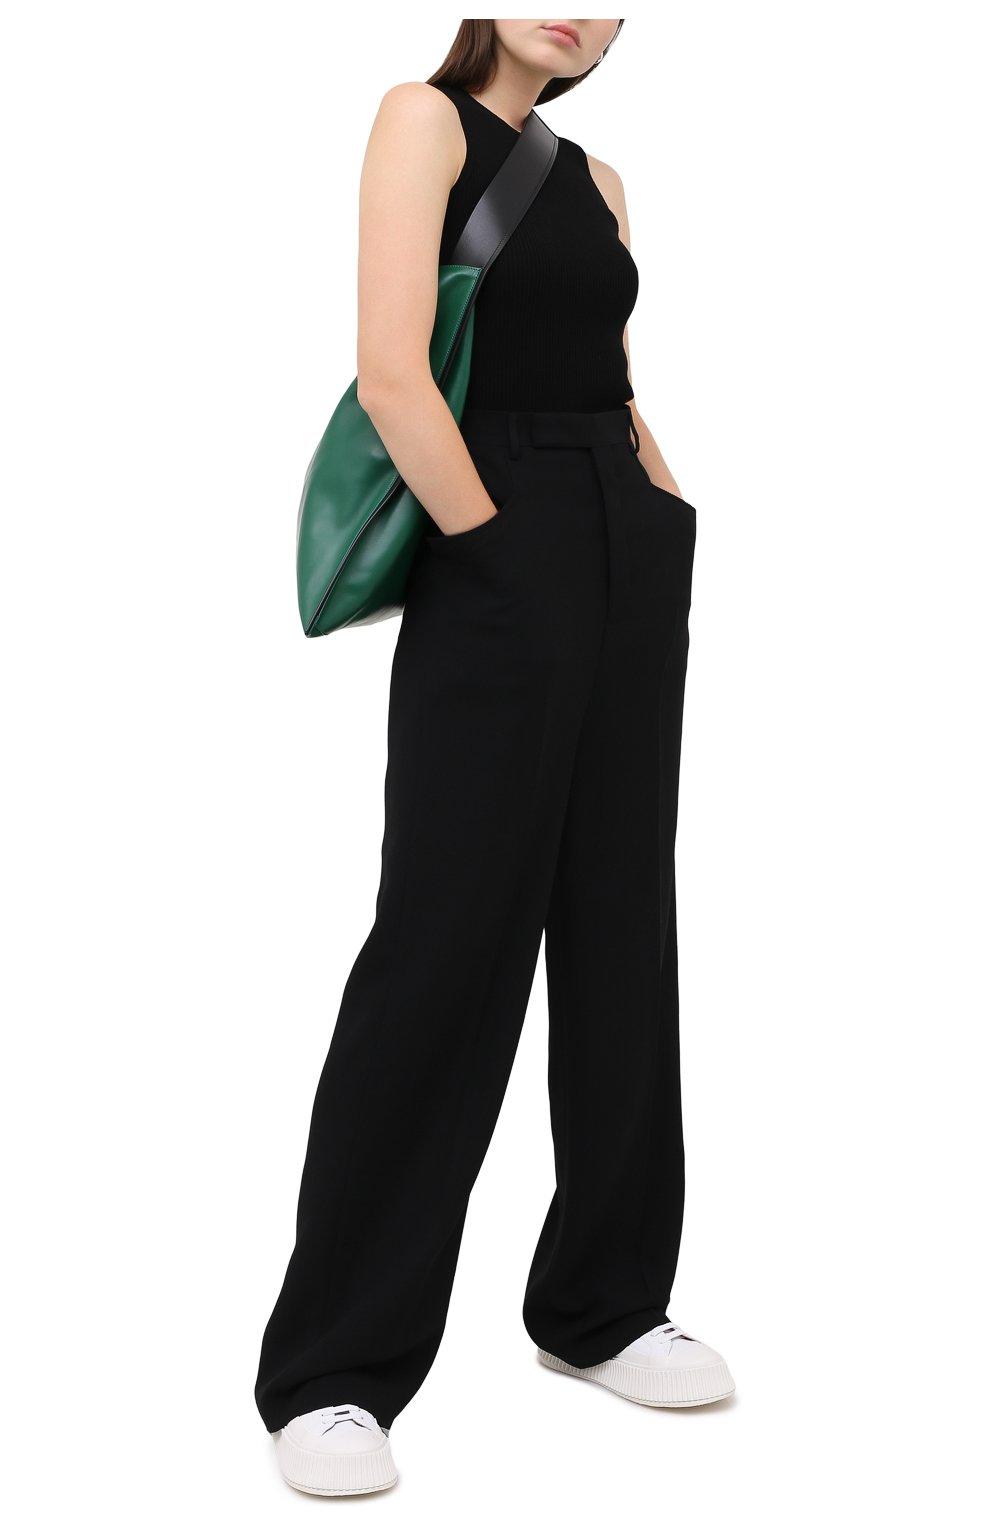 Женский топ из вискозы NANUSHKA черного цвета, арт. JAYA_BLACK_C0MF0RT KNIT | Фото 2